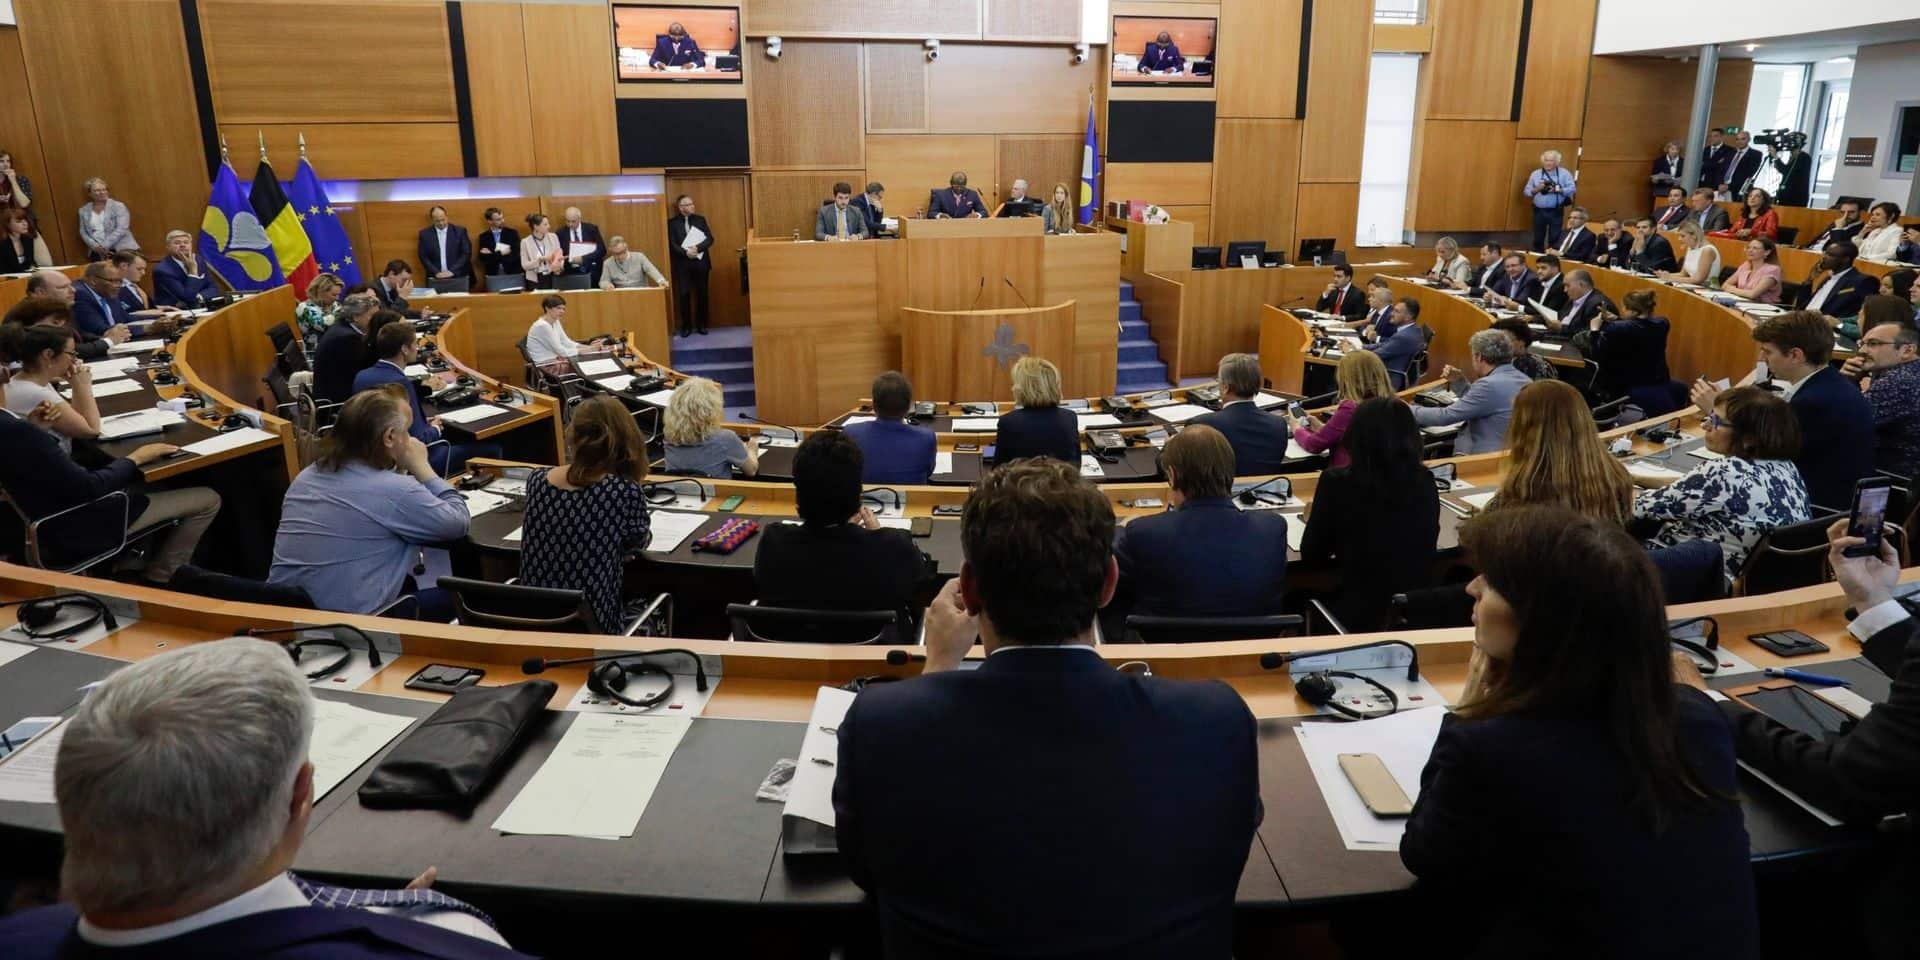 Assises contre le racisme et débat autour de la 5G avec 46 citoyens tirés au sort : Grosse journée pour le Parlement bruxellois ce jeudi